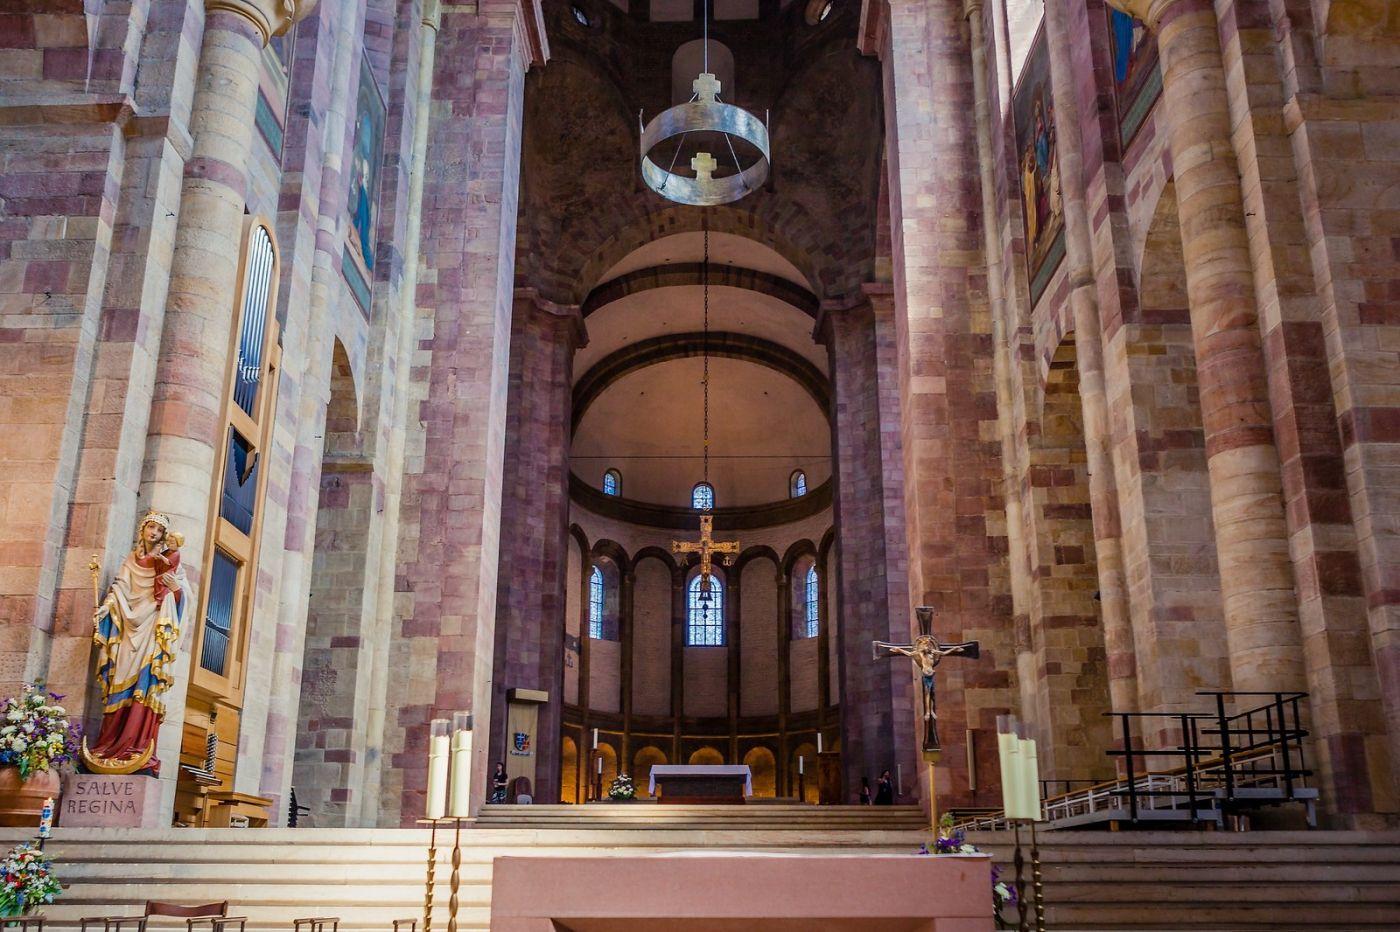 德国施派尔(Speyer)大教堂,标志建筑_图1-4